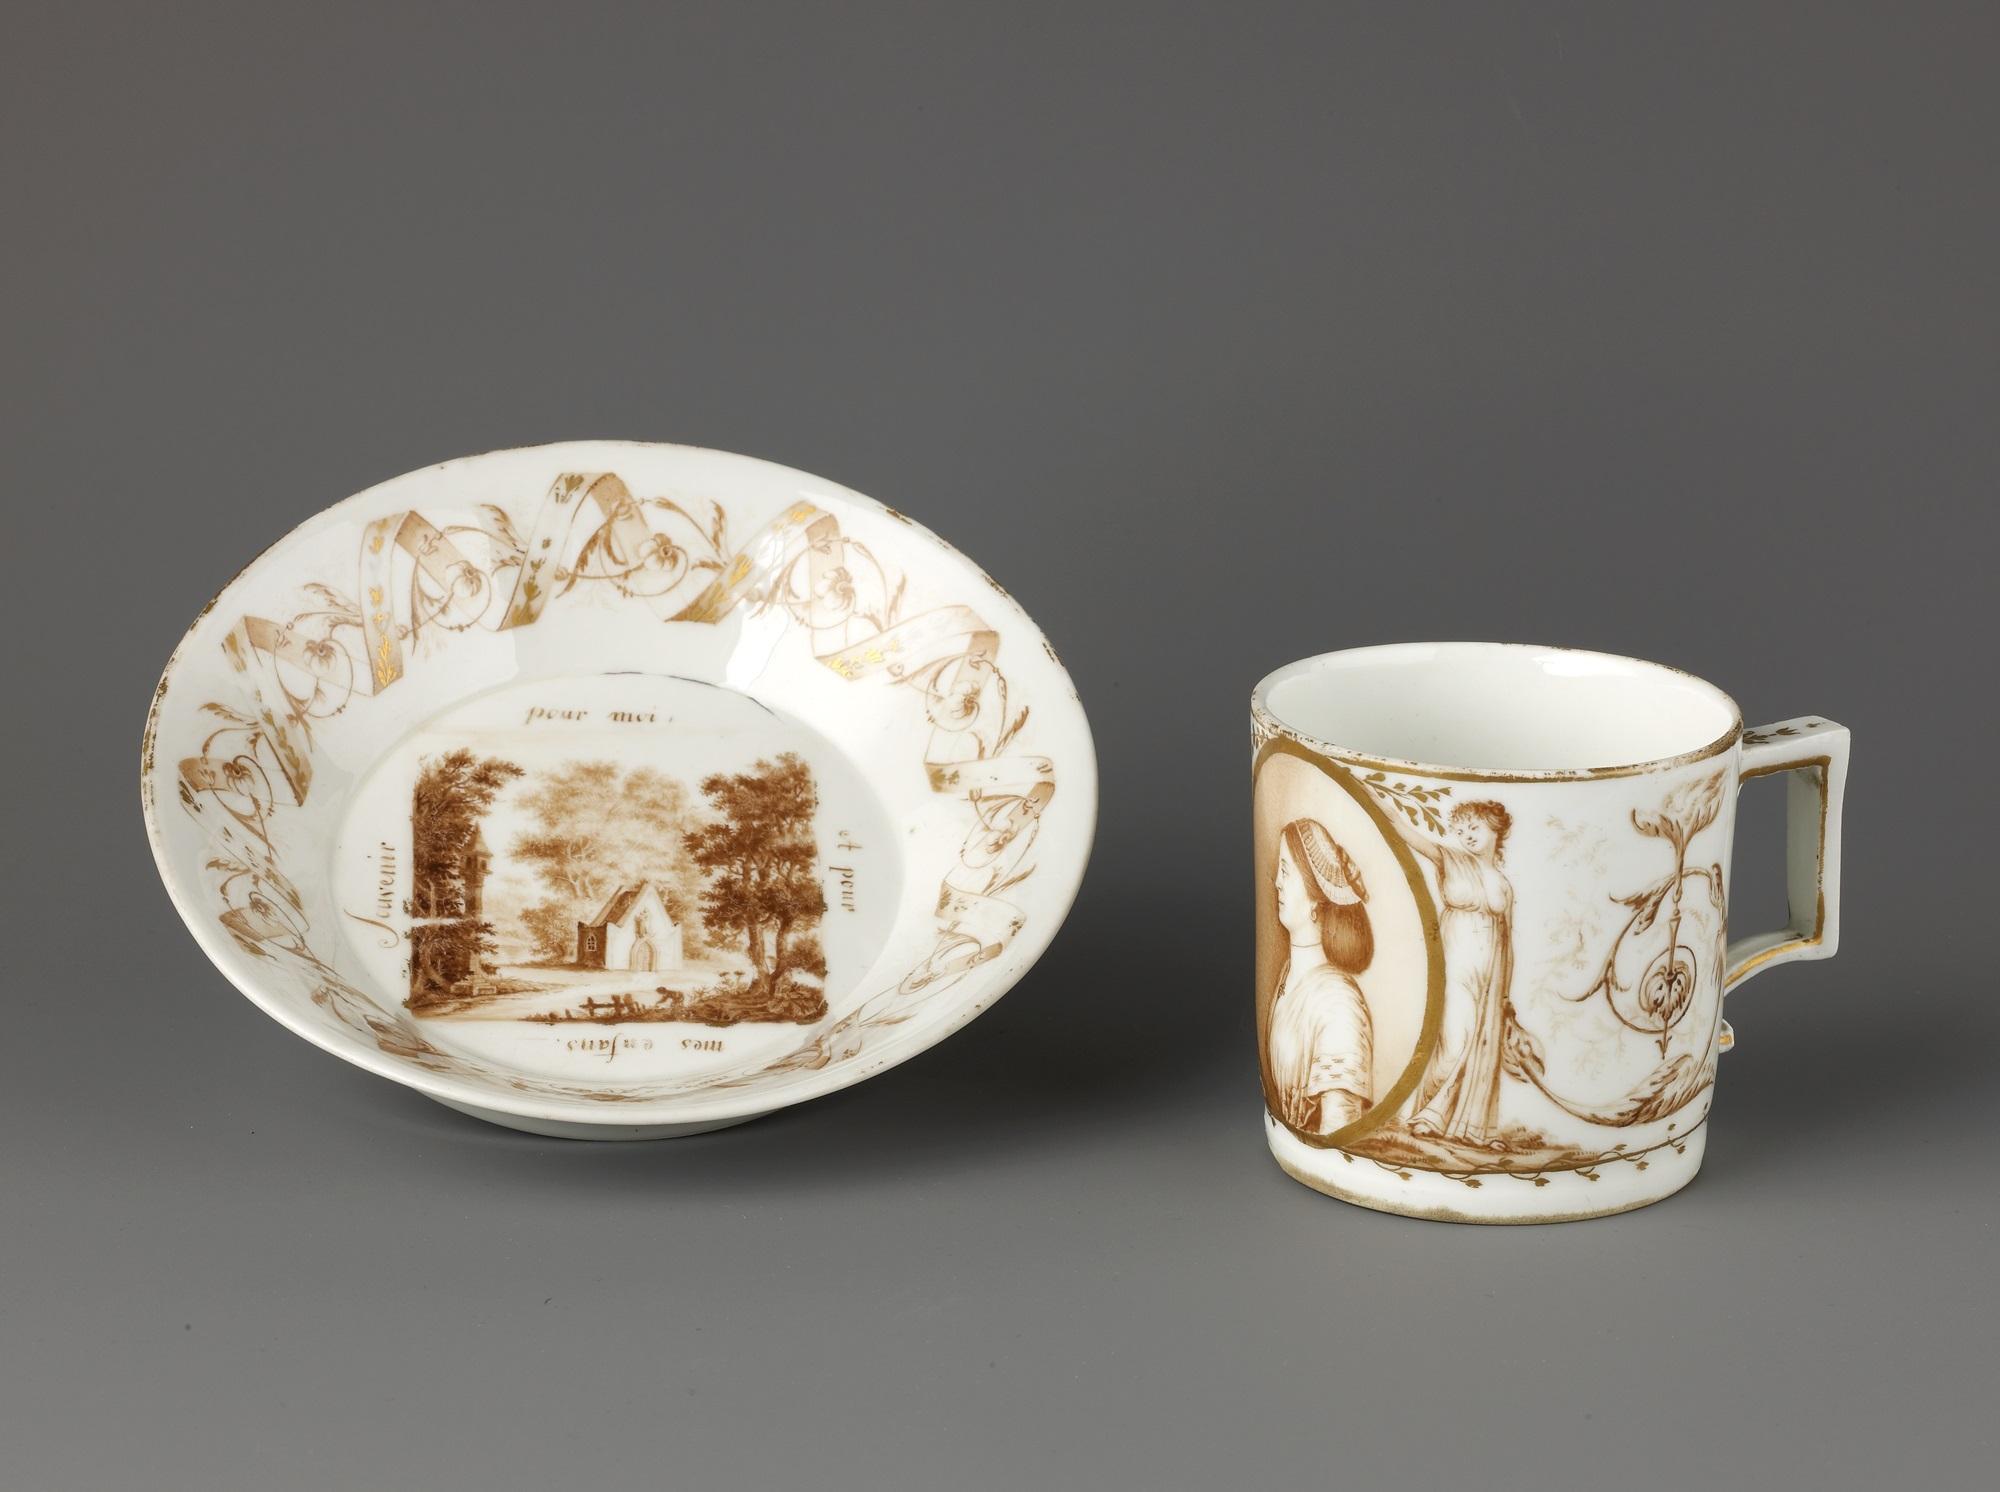 nymphenburg porcelain marks dating